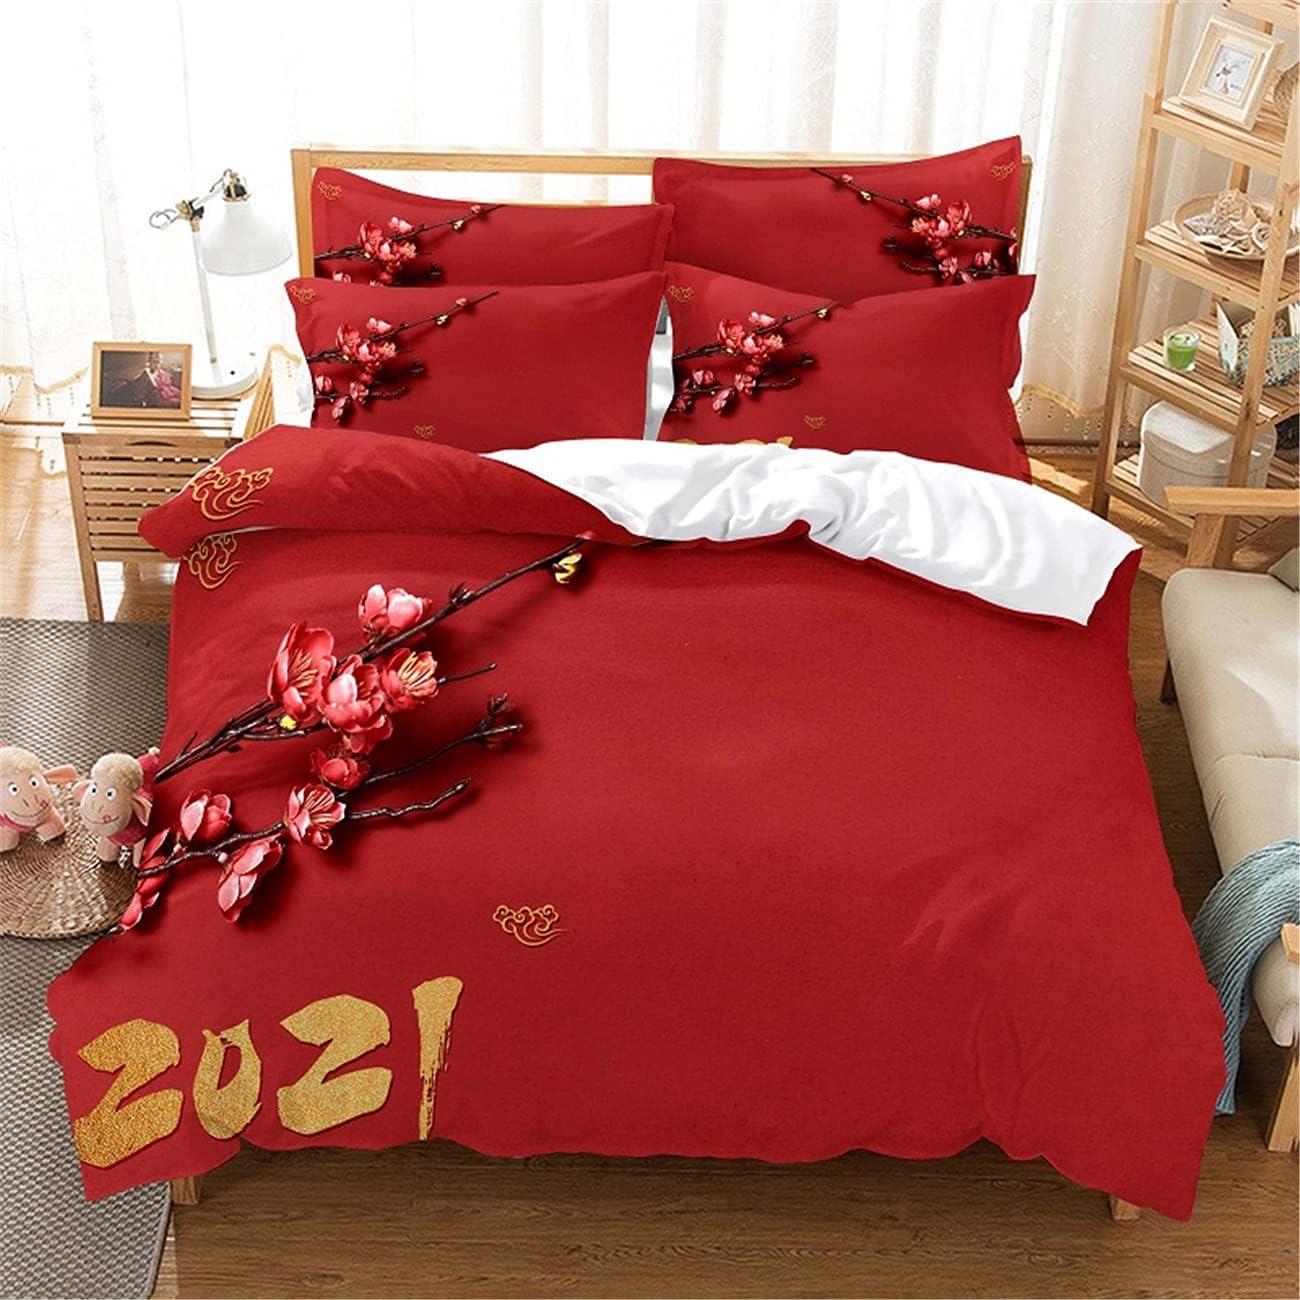 MANXI Soft New popularity Fiber Three Latest item Piece Quilt Cover Blossom Digi Red Plum